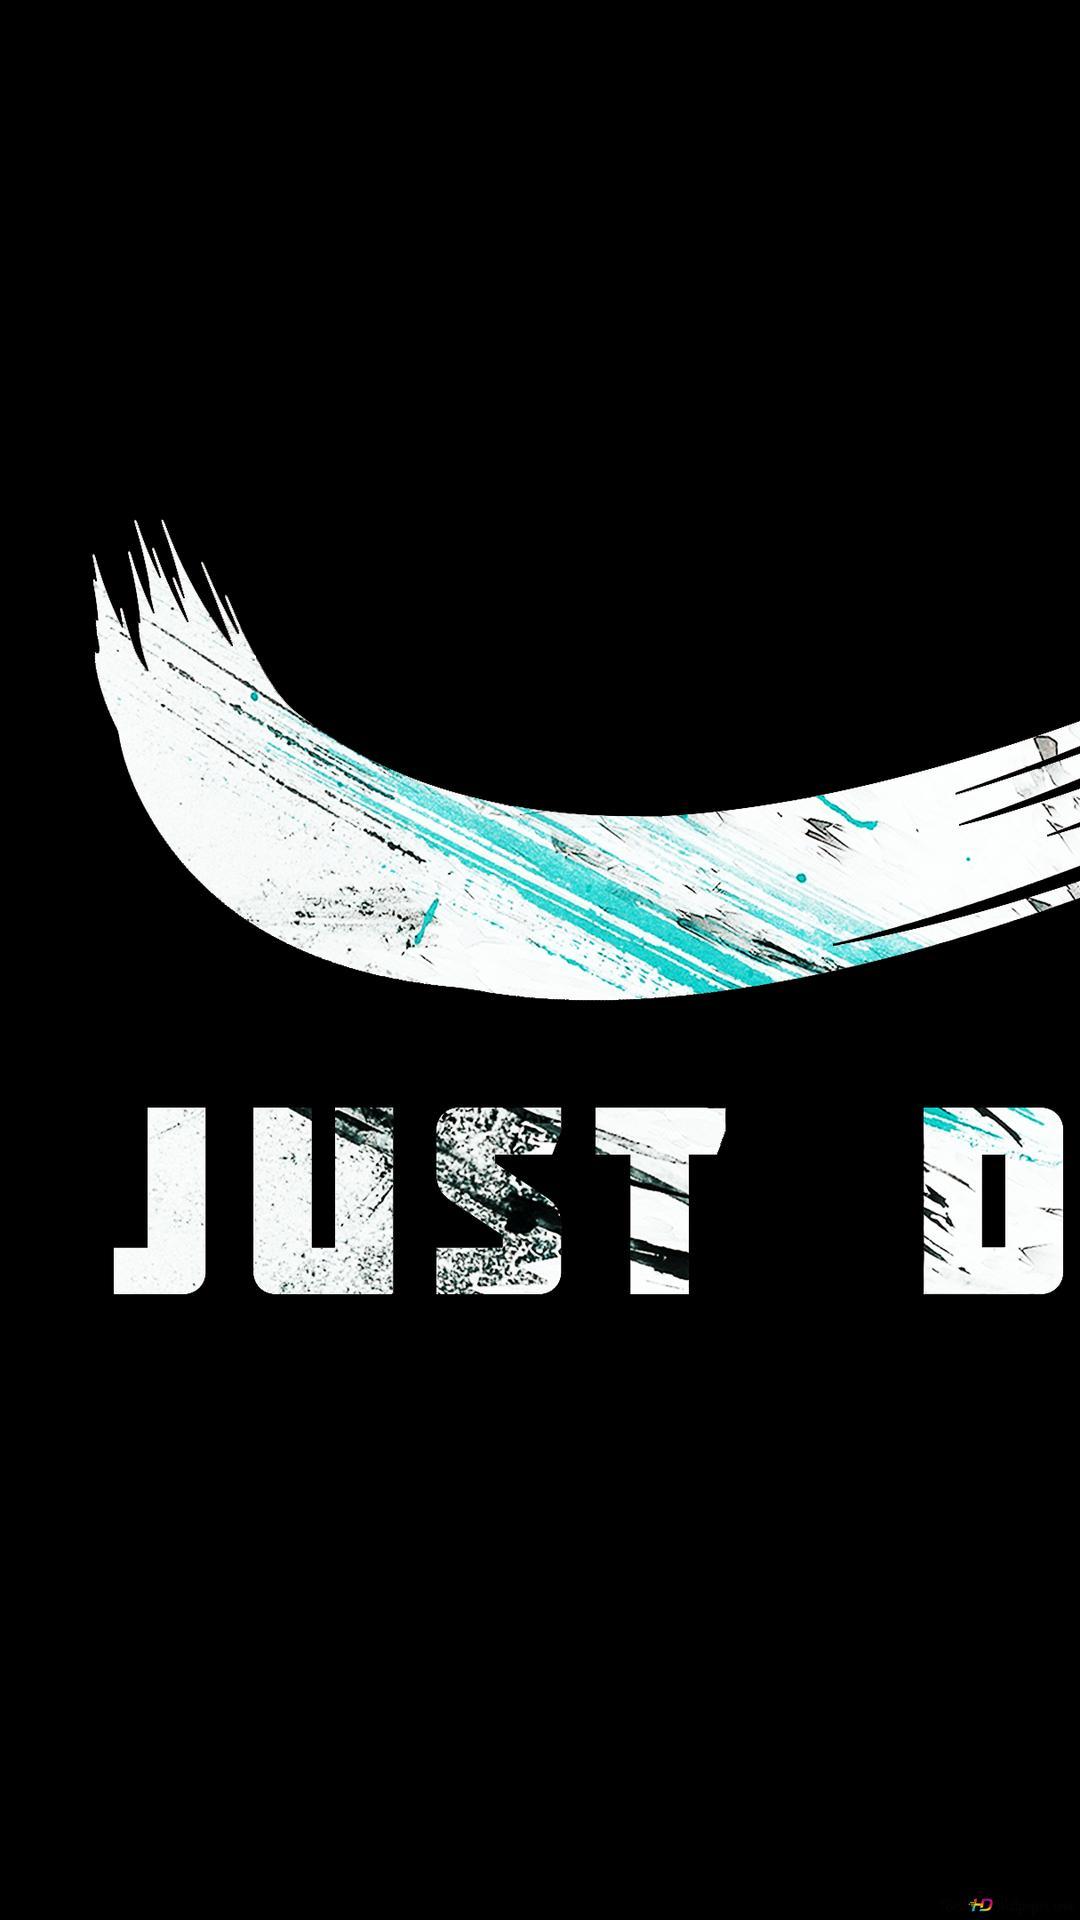 Nike Sport Hd Wallpaper Downloaden